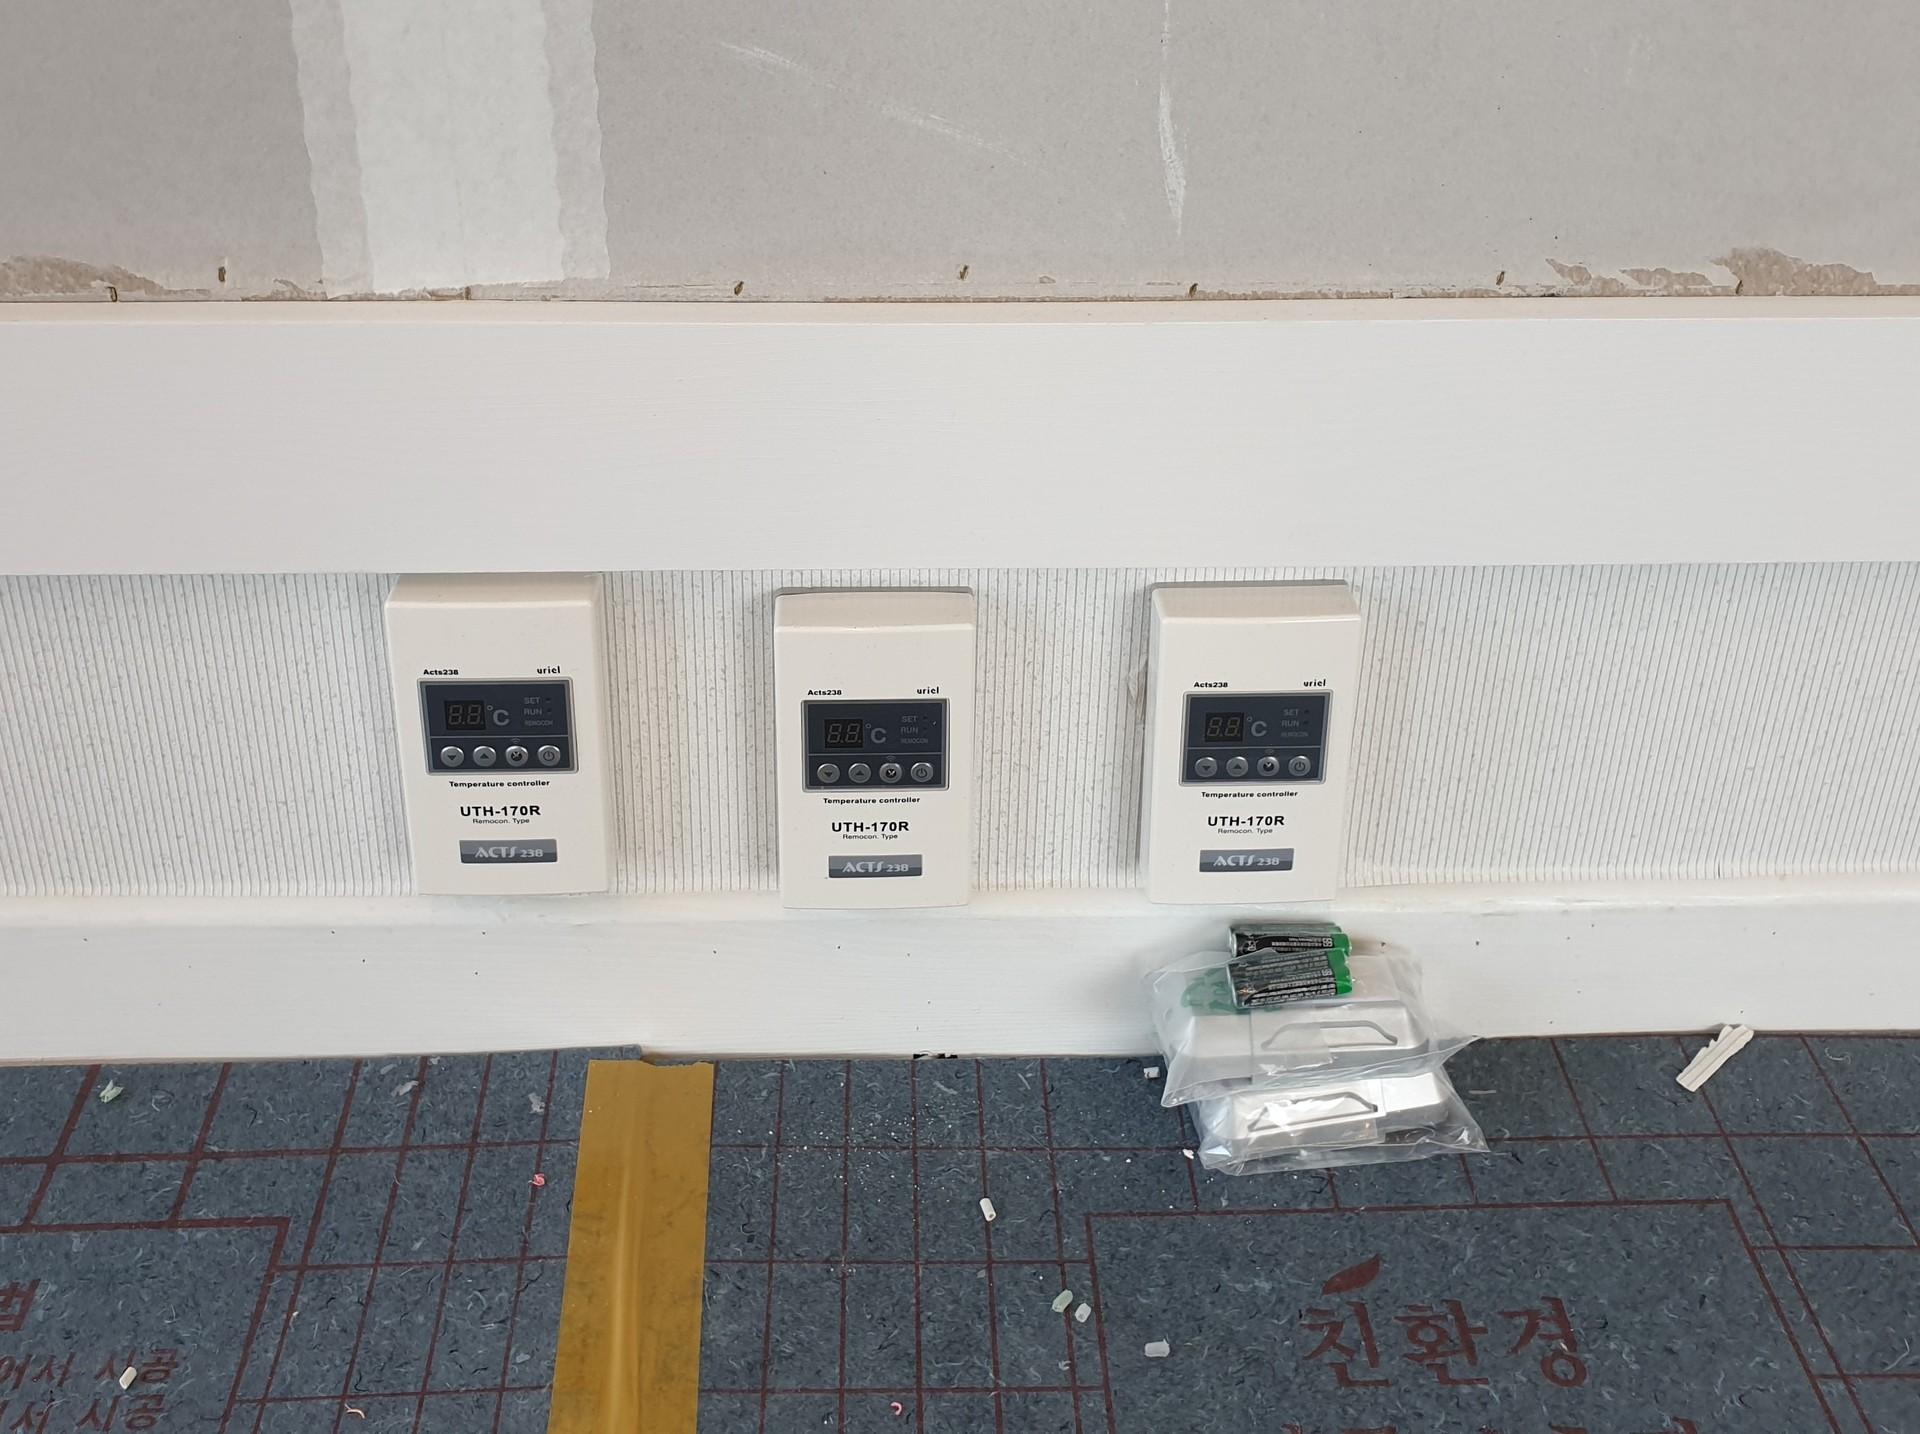 6)온도조절기 설치